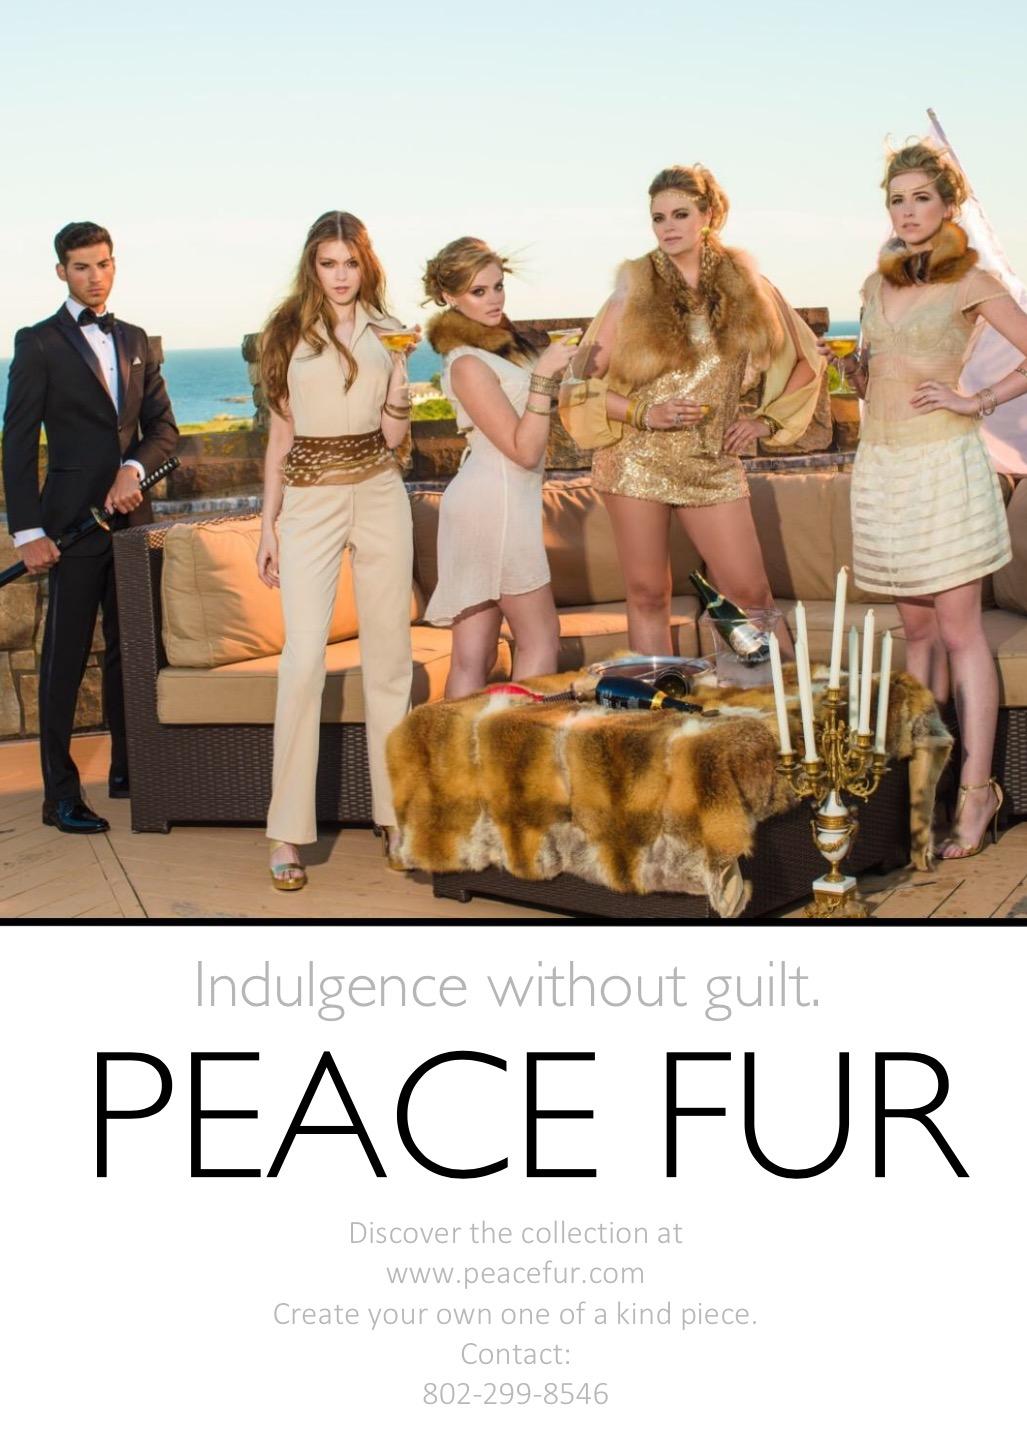 Peace Fur Ad.JPG